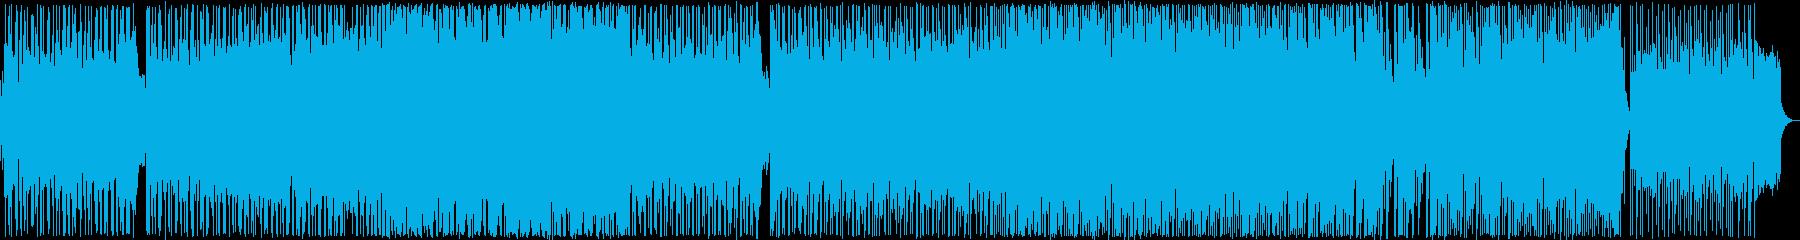 ゆったりとしたメロディのポップバラード2の再生済みの波形